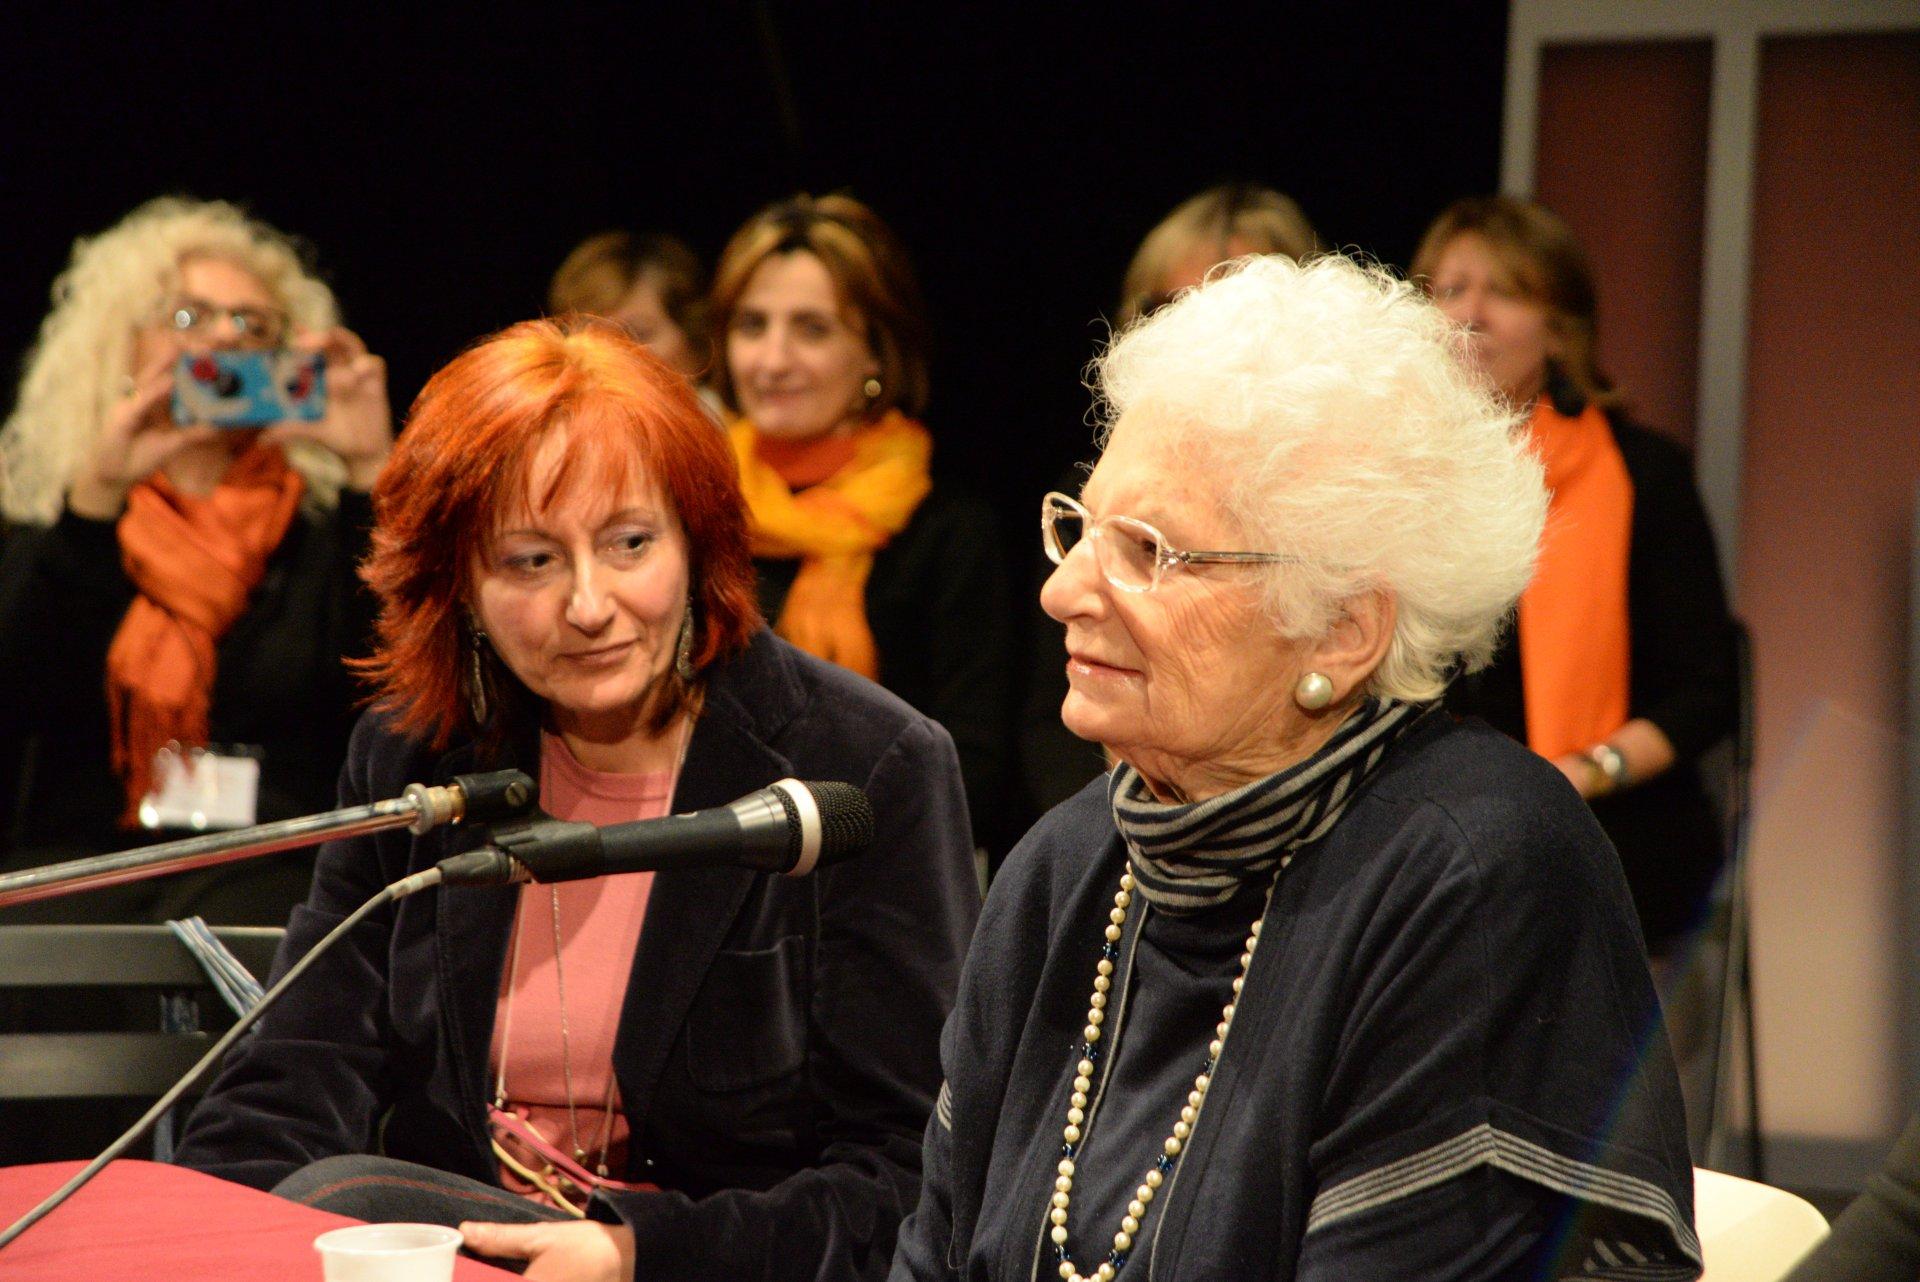 A Cremona proposta per conferire la cittadinanza onoraria a Liliana Segre - Giornale di Cremona